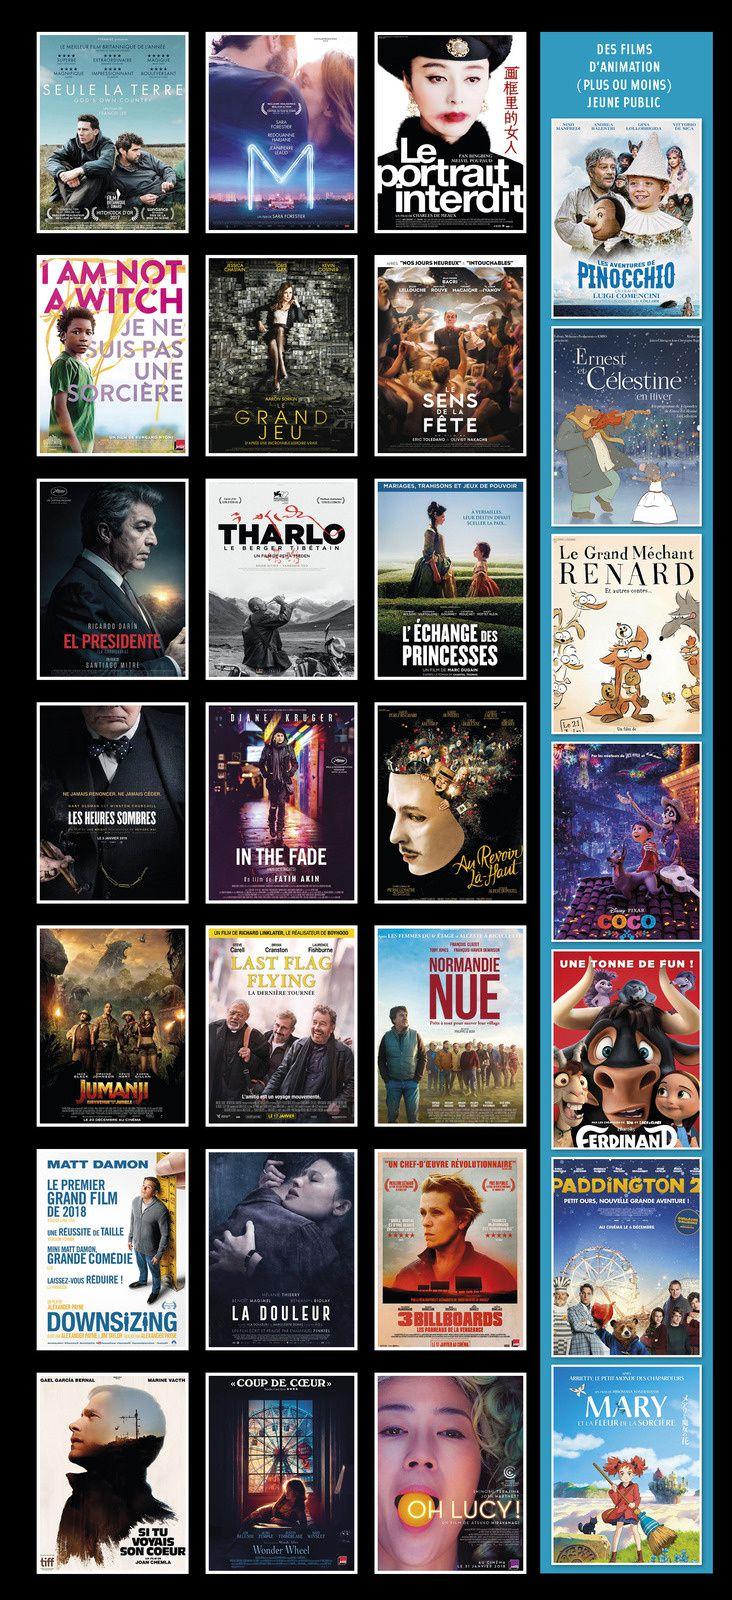 Des films pour tous les goûts, pour tous les âges